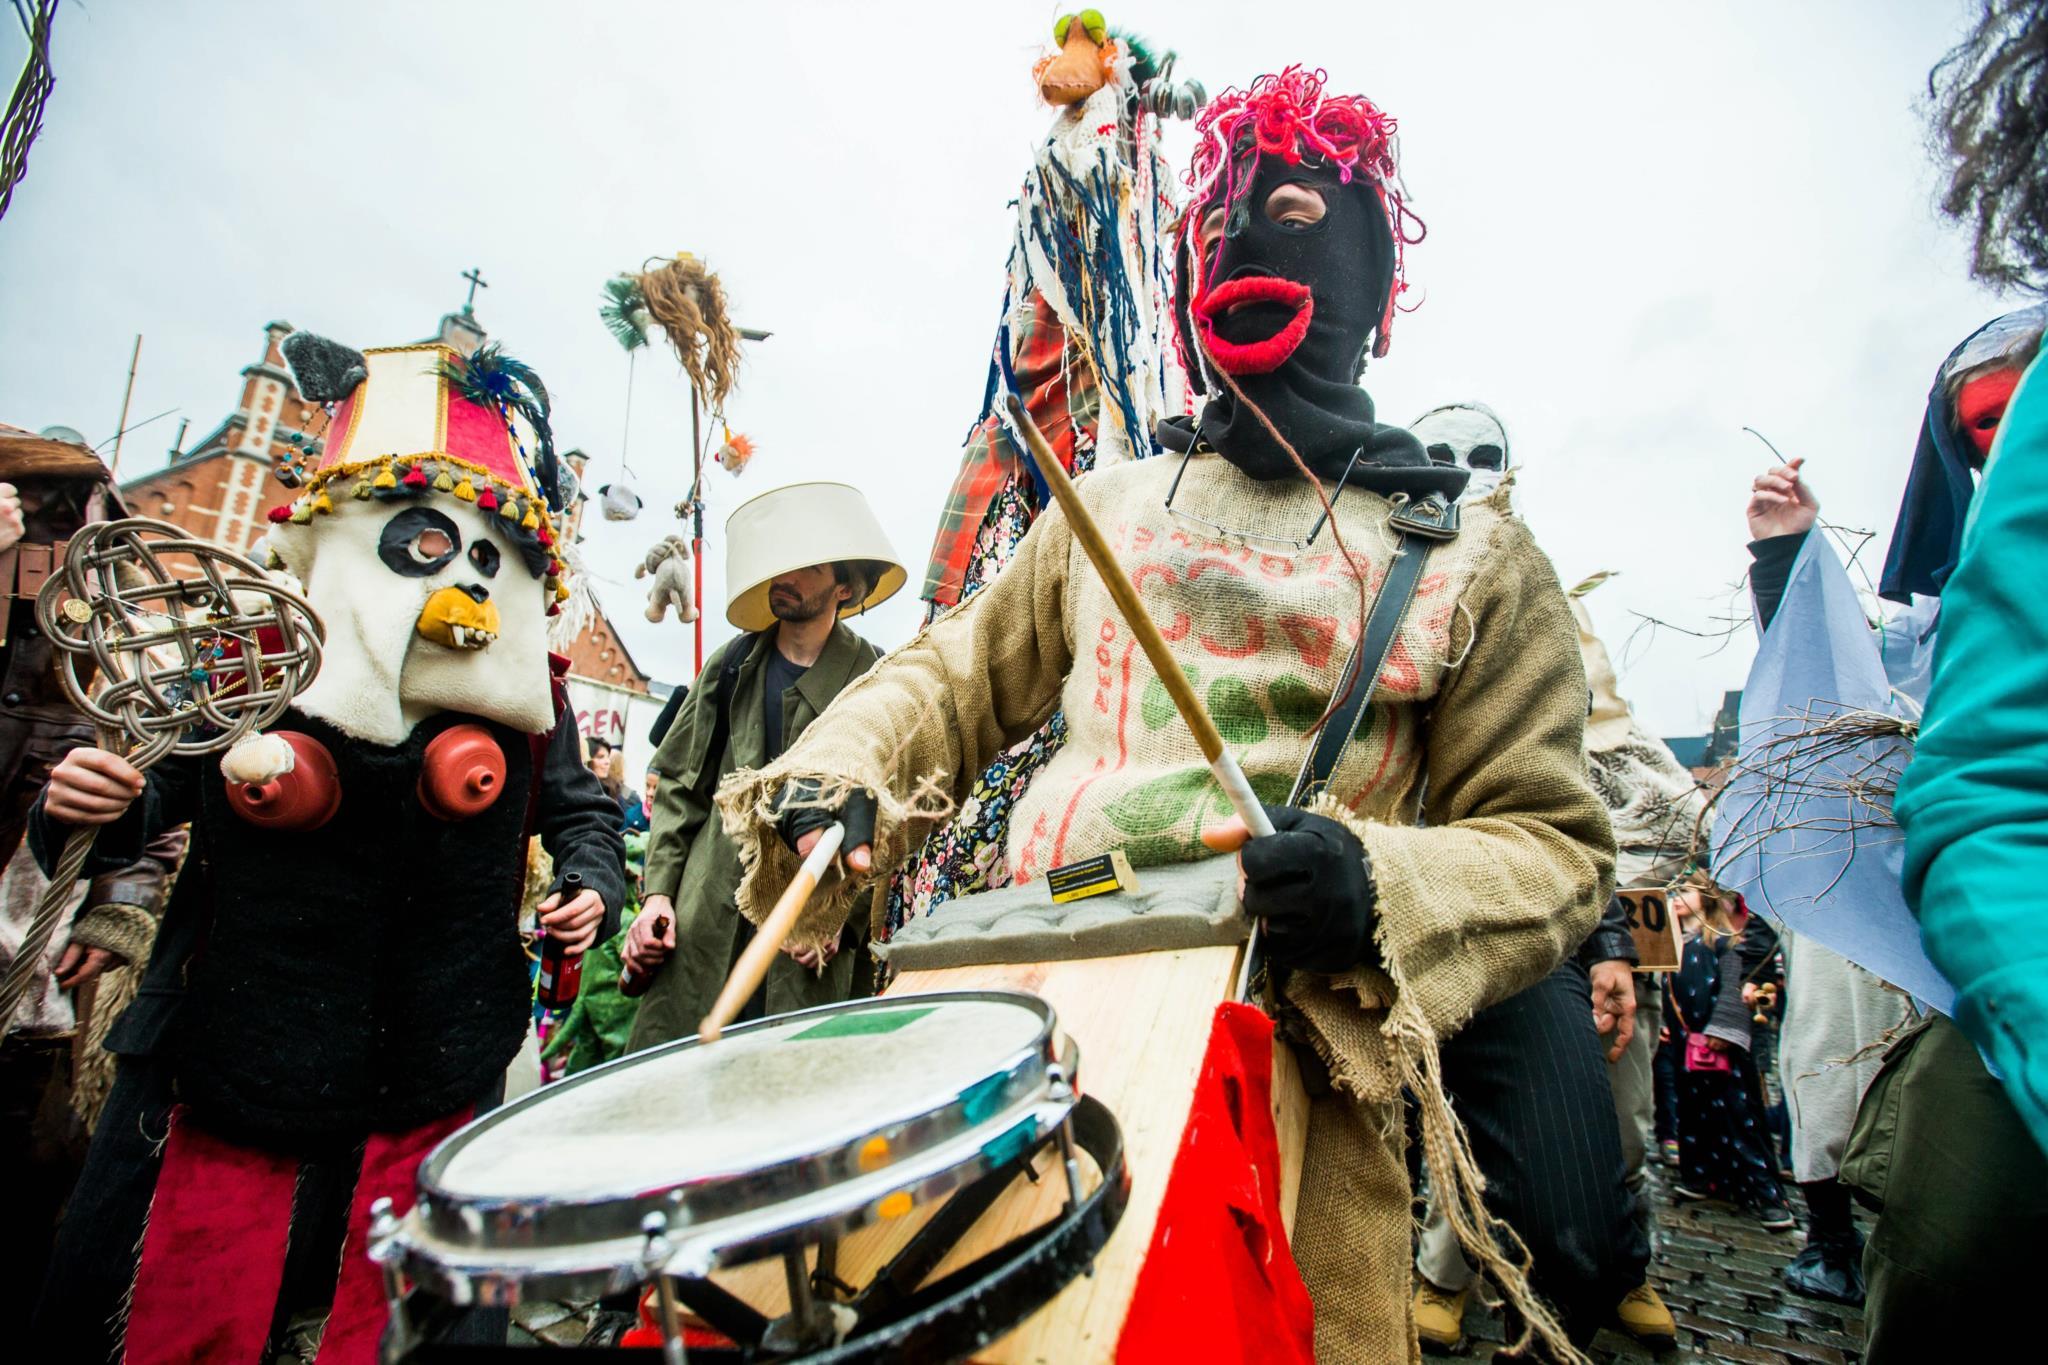 O Carnaval Selvagem de Bruxelas, na Bélgica, que vai este ano na sua quinta edição, celebra a Primavera